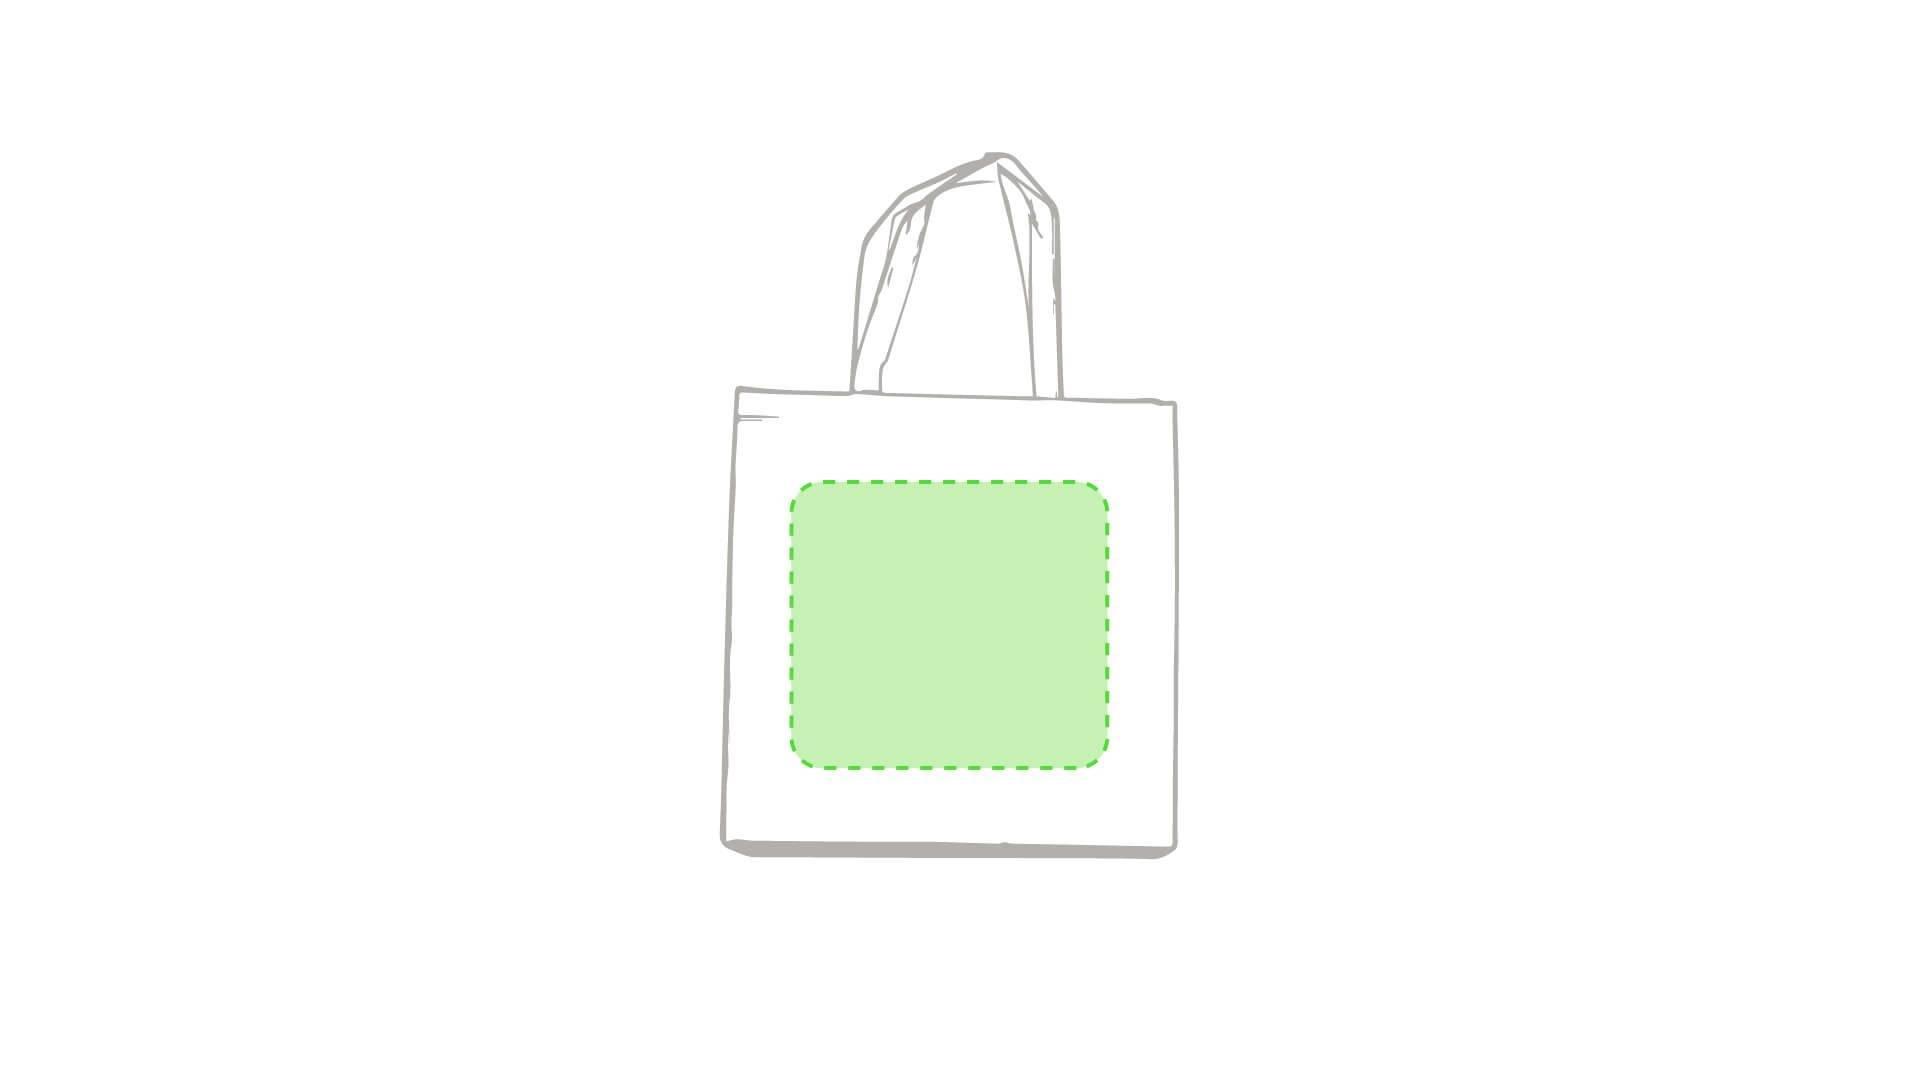 Bolsa de non woven laminado bicolor 1